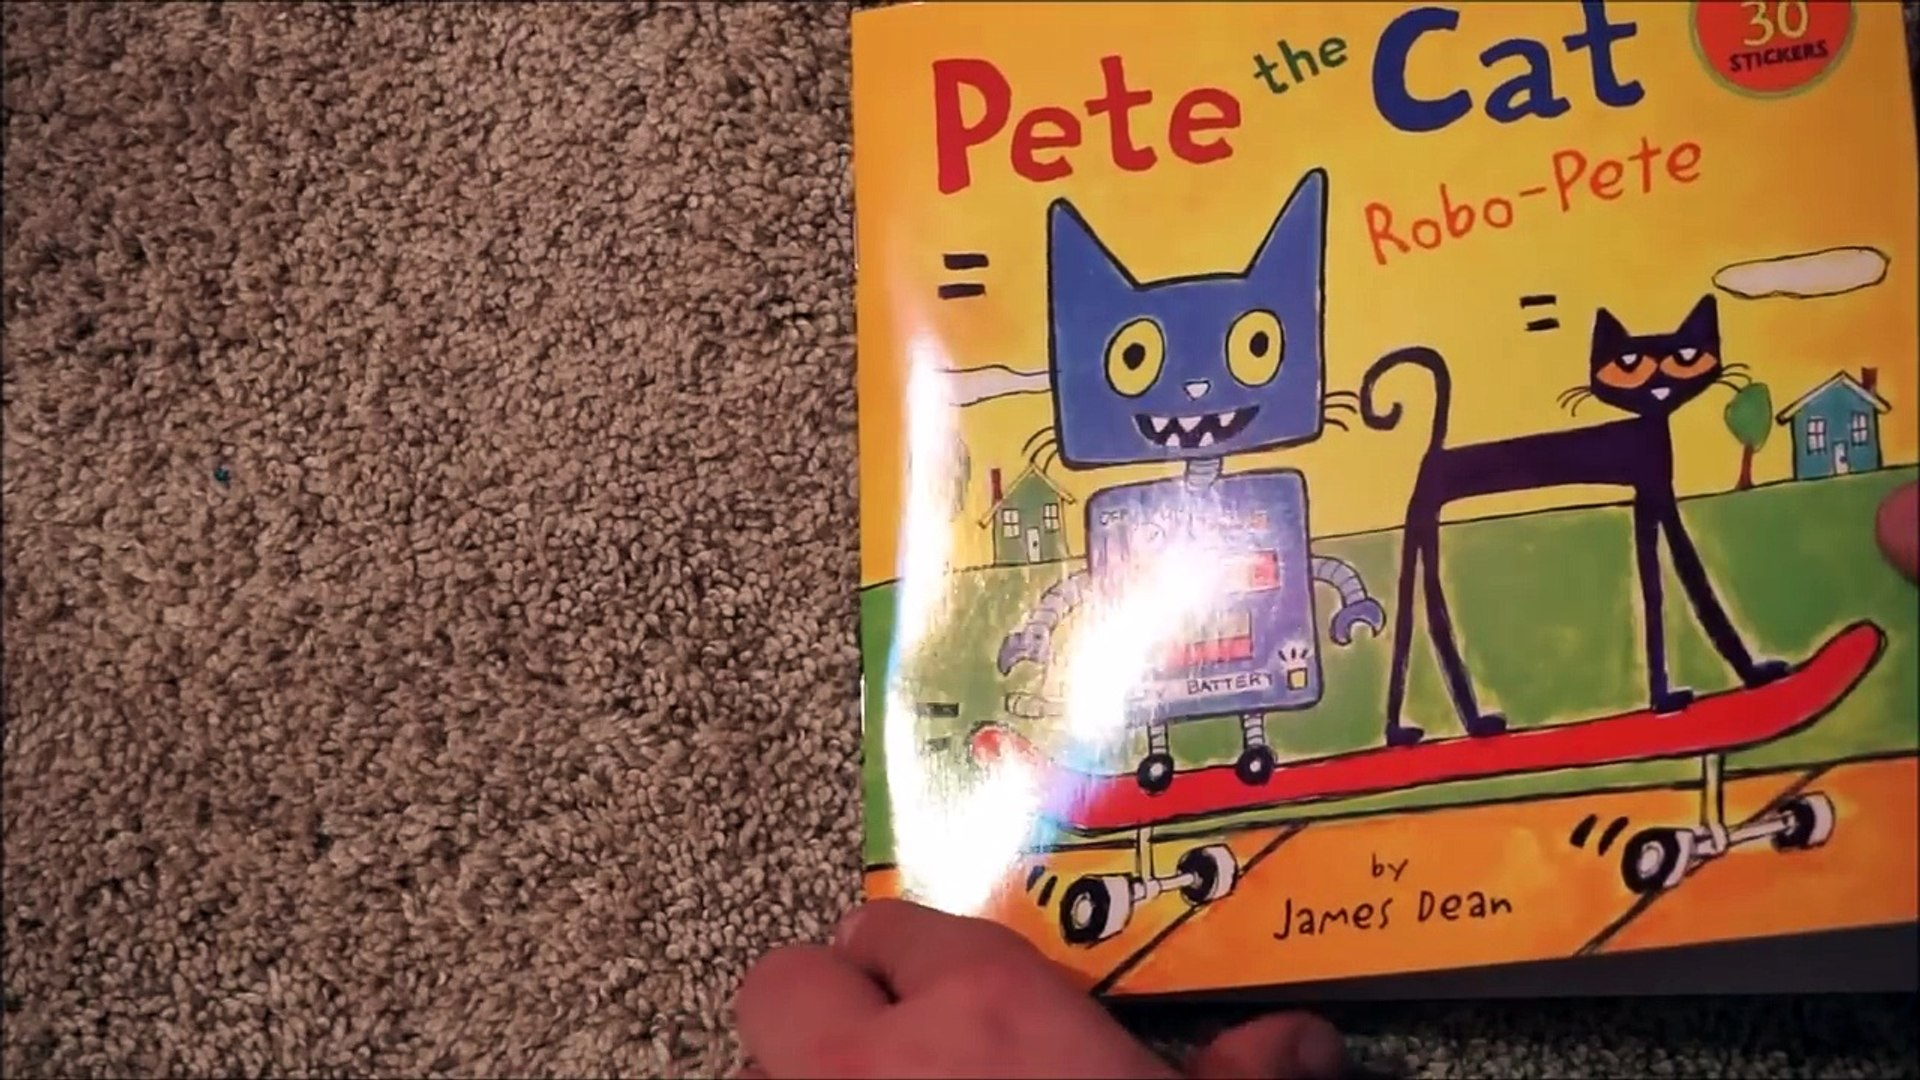 À haute voix Livre chat pour enfants Doyen Mme lire le le le le la avec Pete robo pete james |